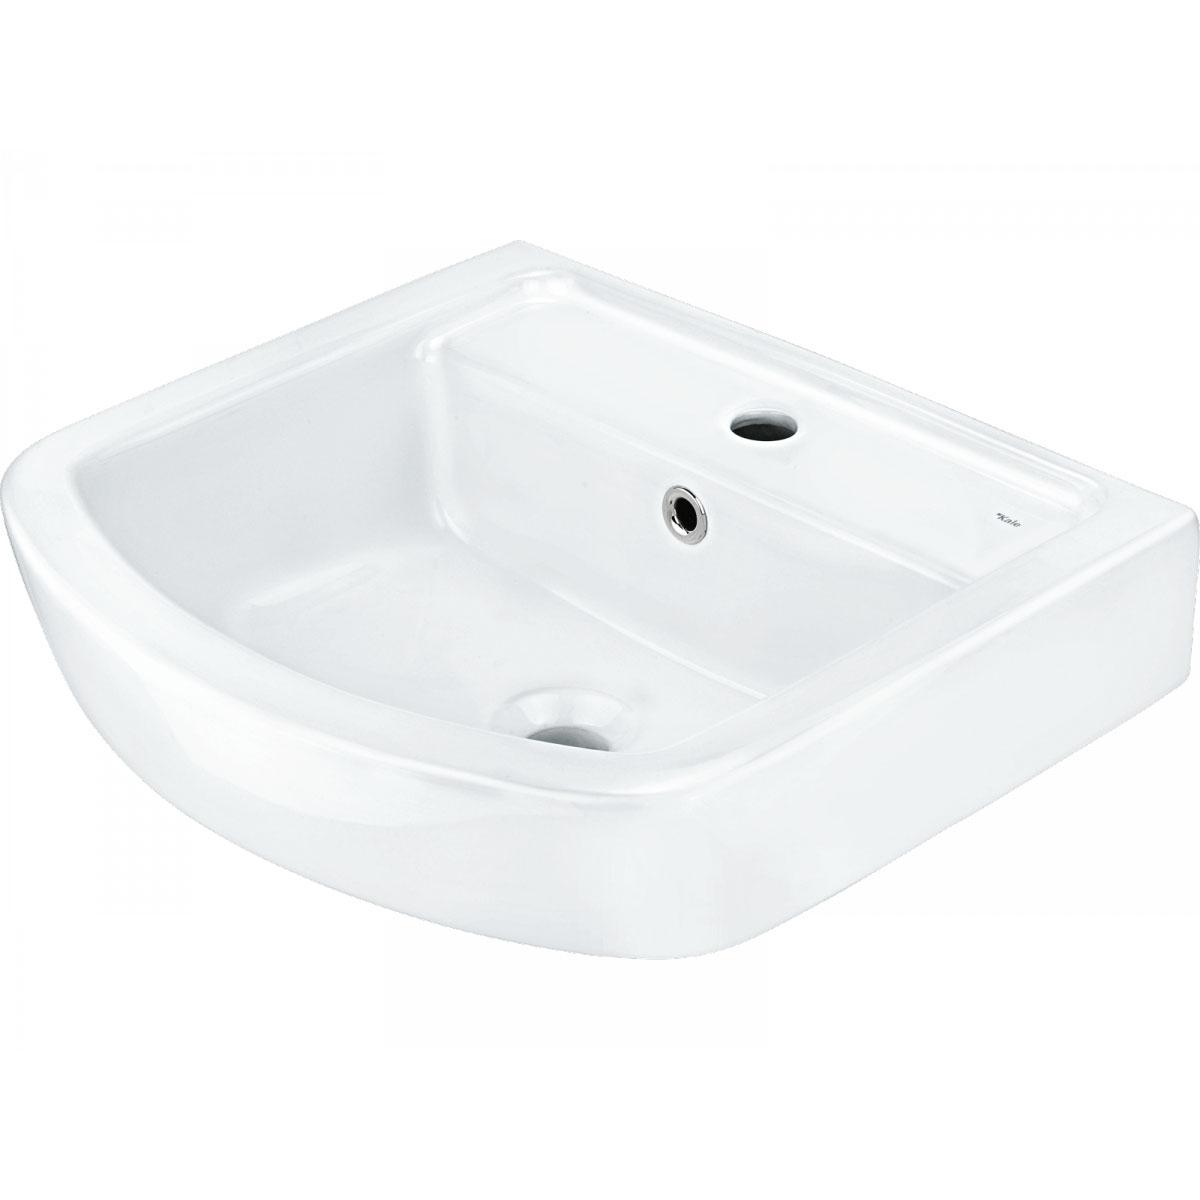 Waschbecken Ondo, Größe A: 50/45/17,5 cm